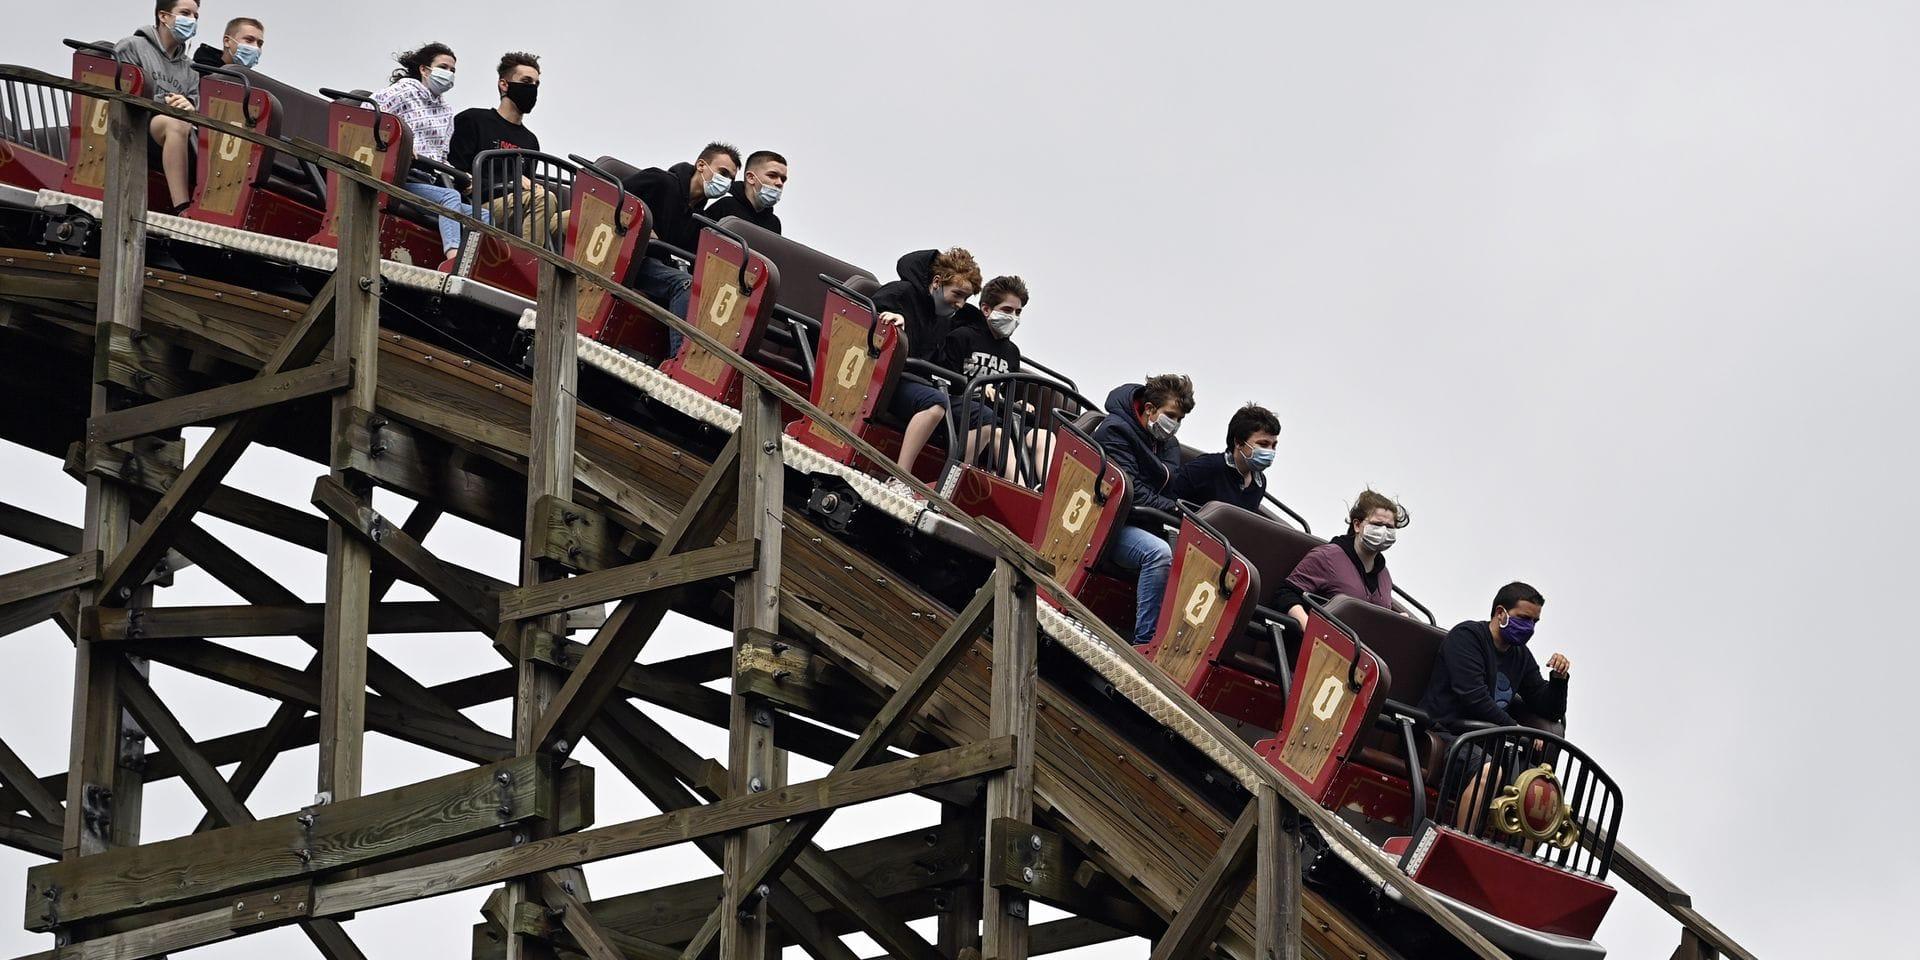 Les parcs d'attractions en difficulté face à la crise: des pertes qui peuvent s'élever à plusieurs millions d'euros !